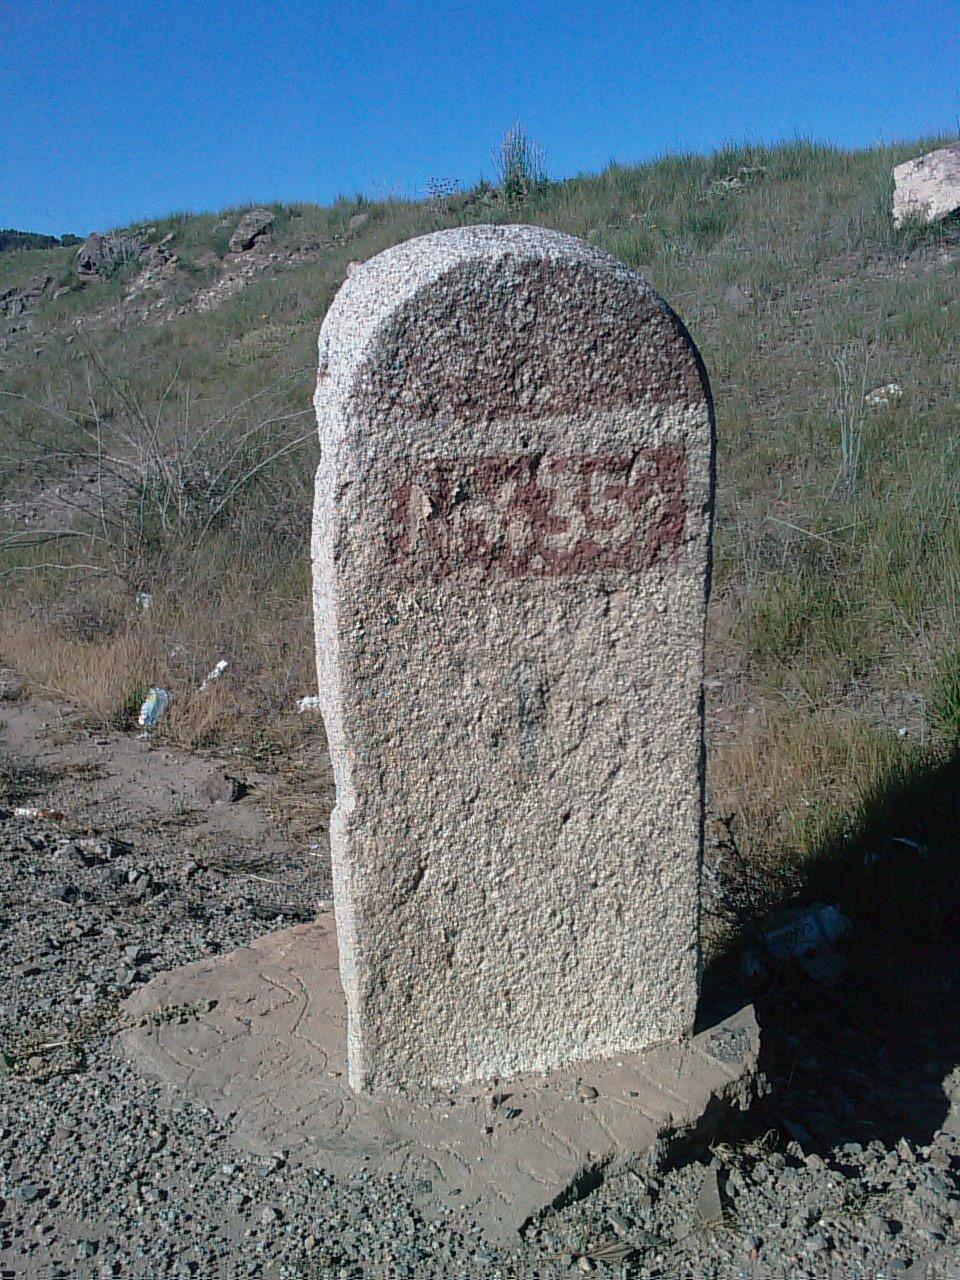 File:Hito de granito antiguo N-435.jpg